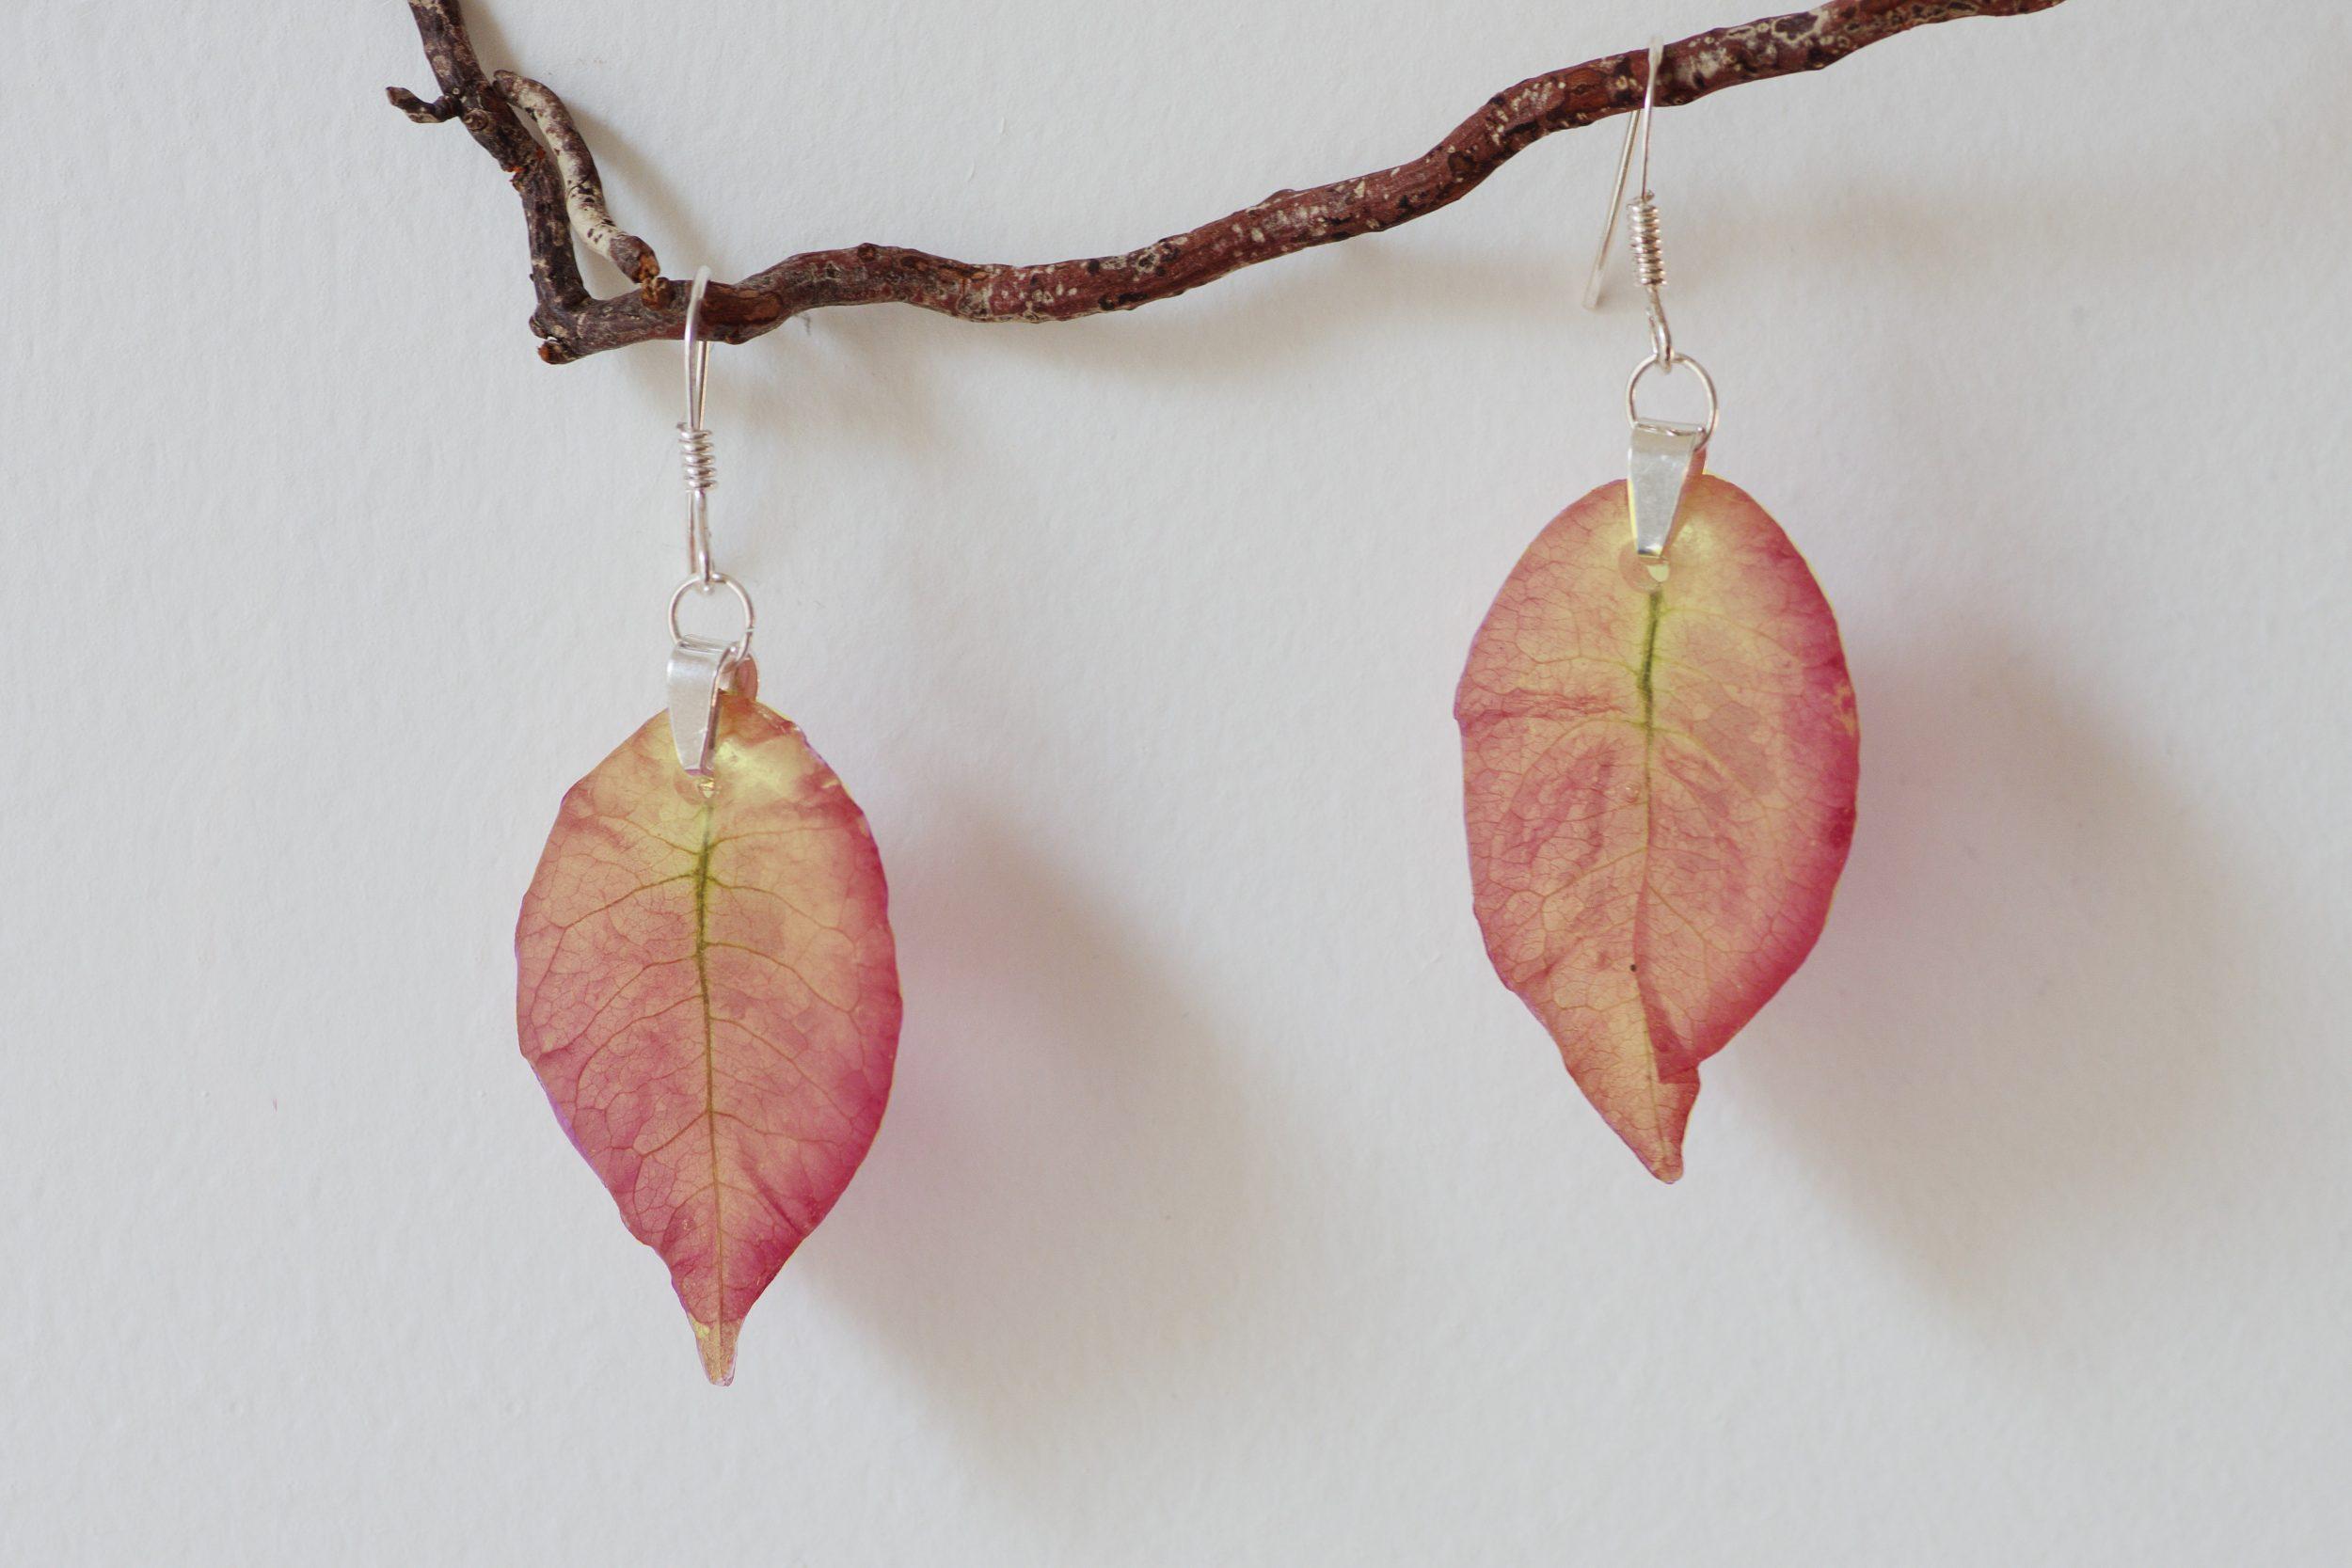 boucles d'oreilles à pendentifs végétaux :bractées de bougainvillées saumon (rose orangé)